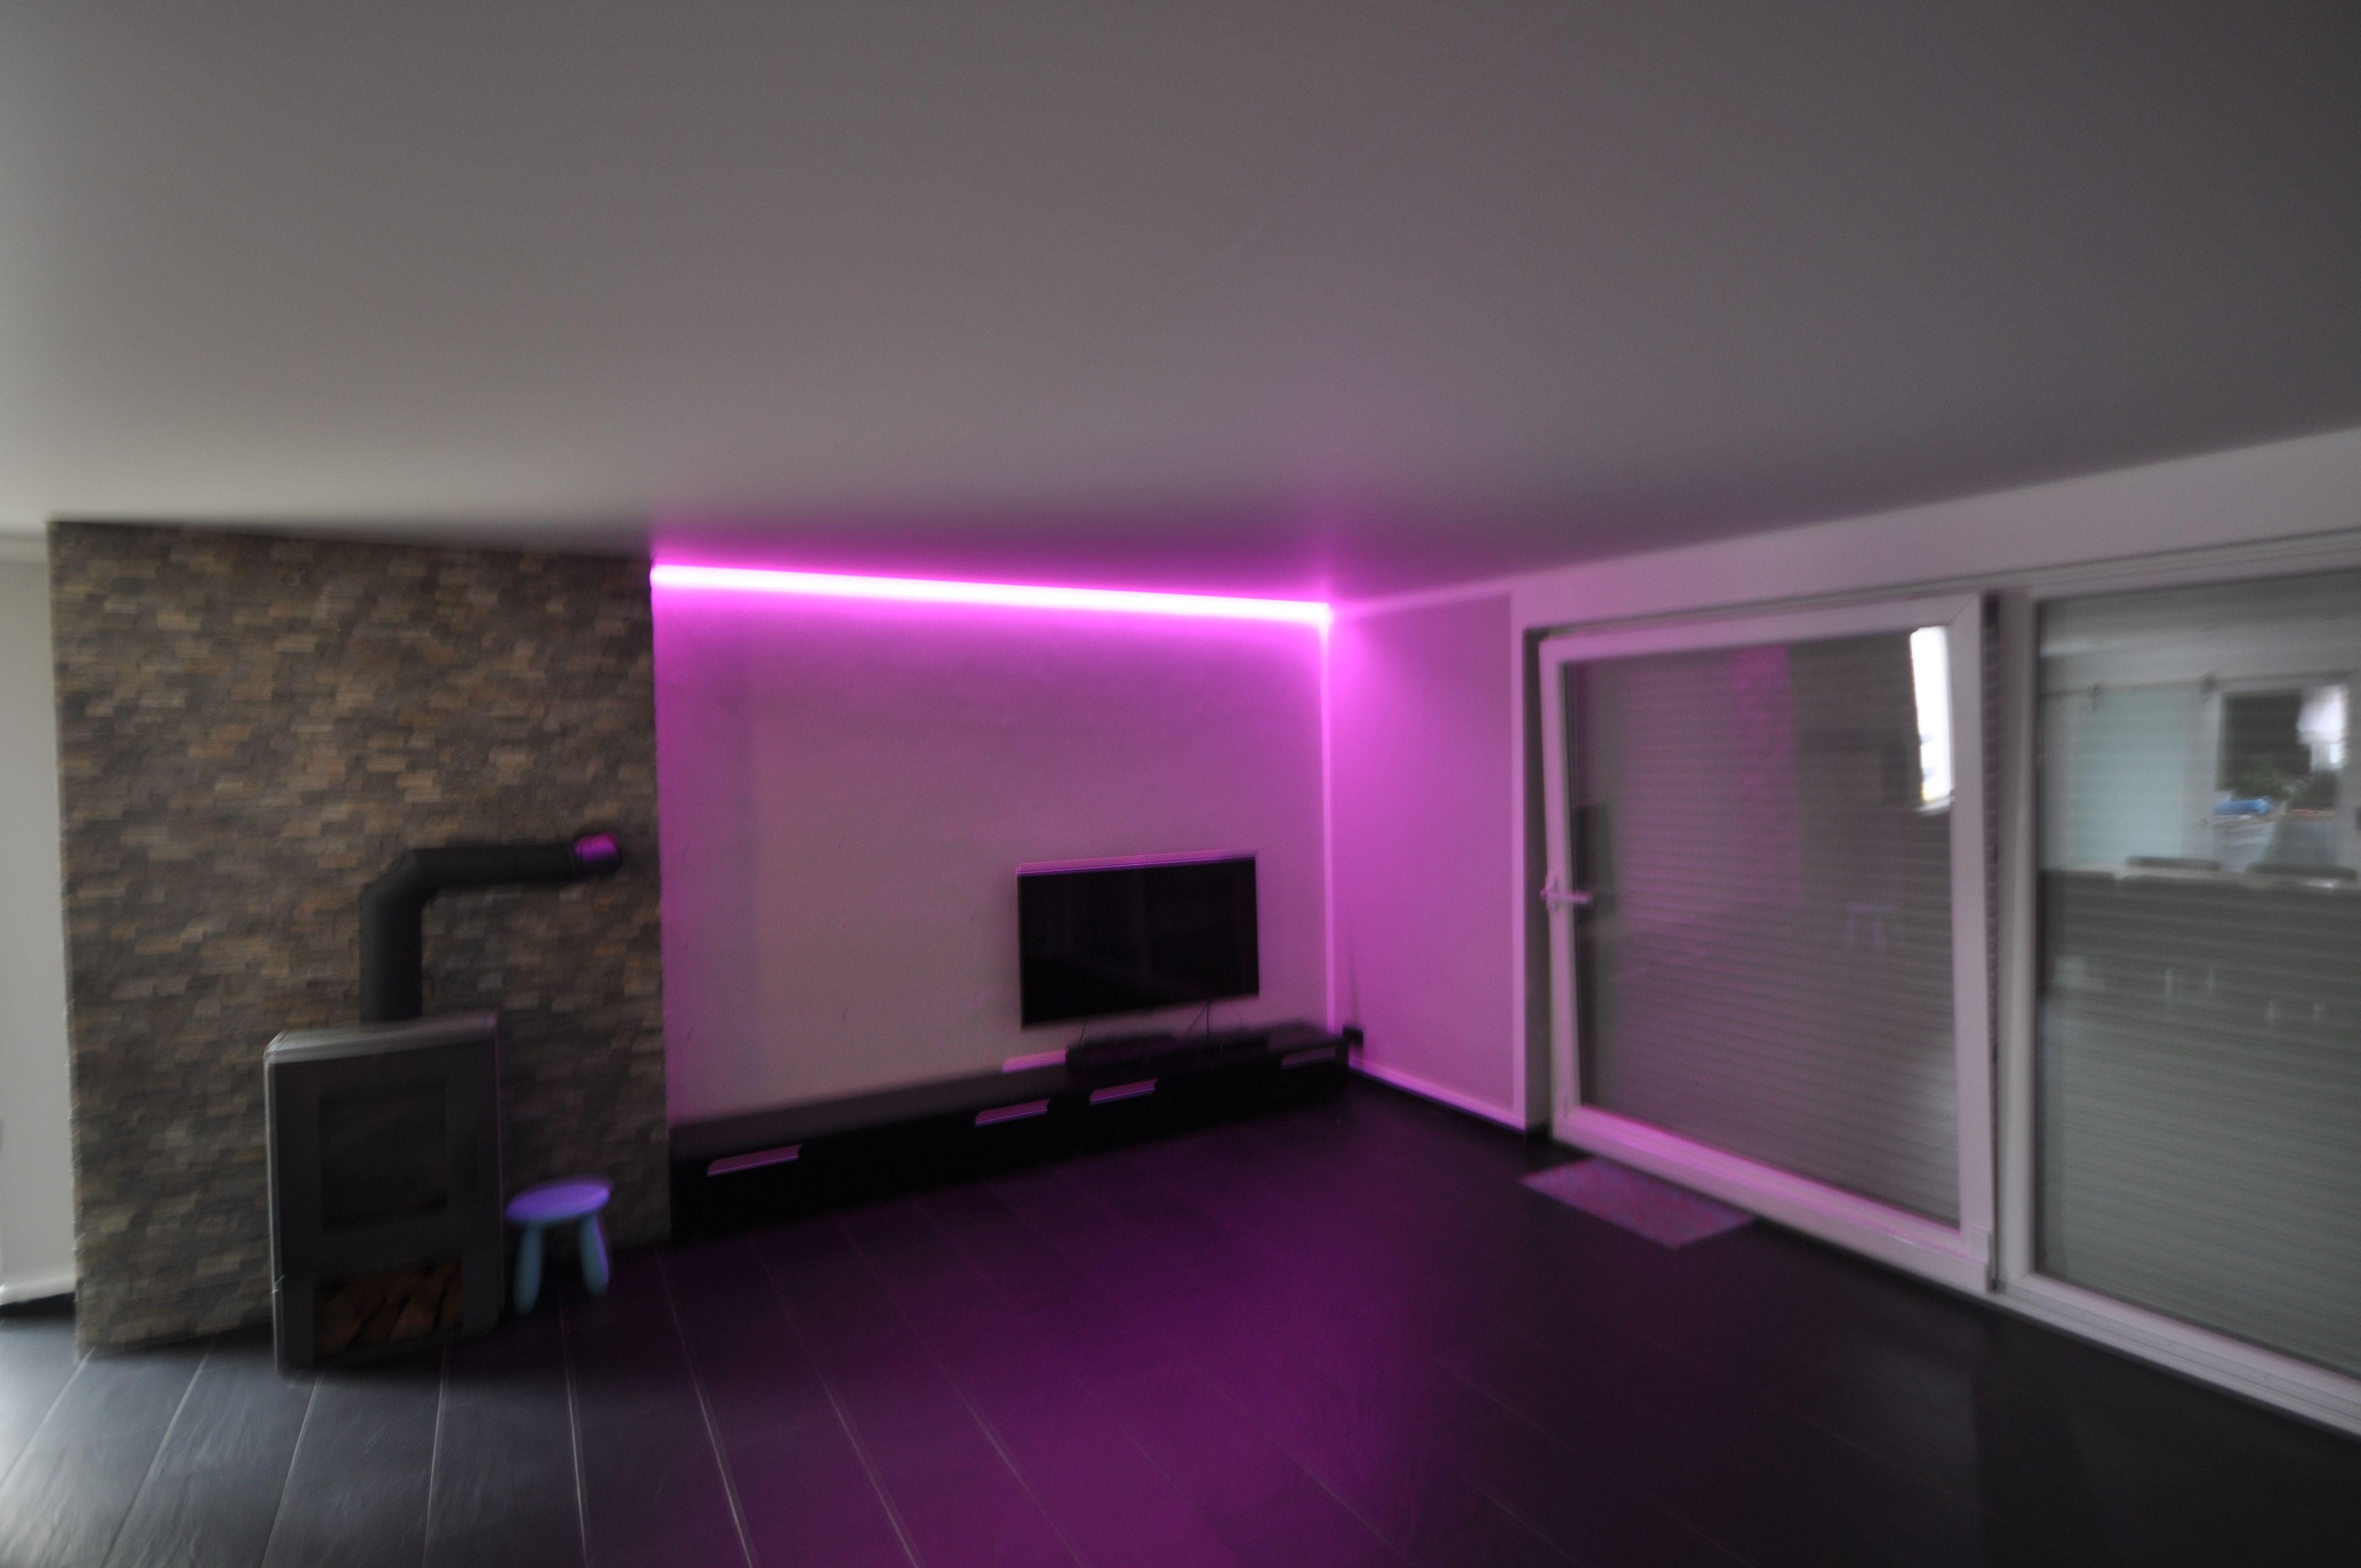 Wohnzimmer Renovieren ~ Matt weiße spanndecke im wohnzimmer mit rgb band in der